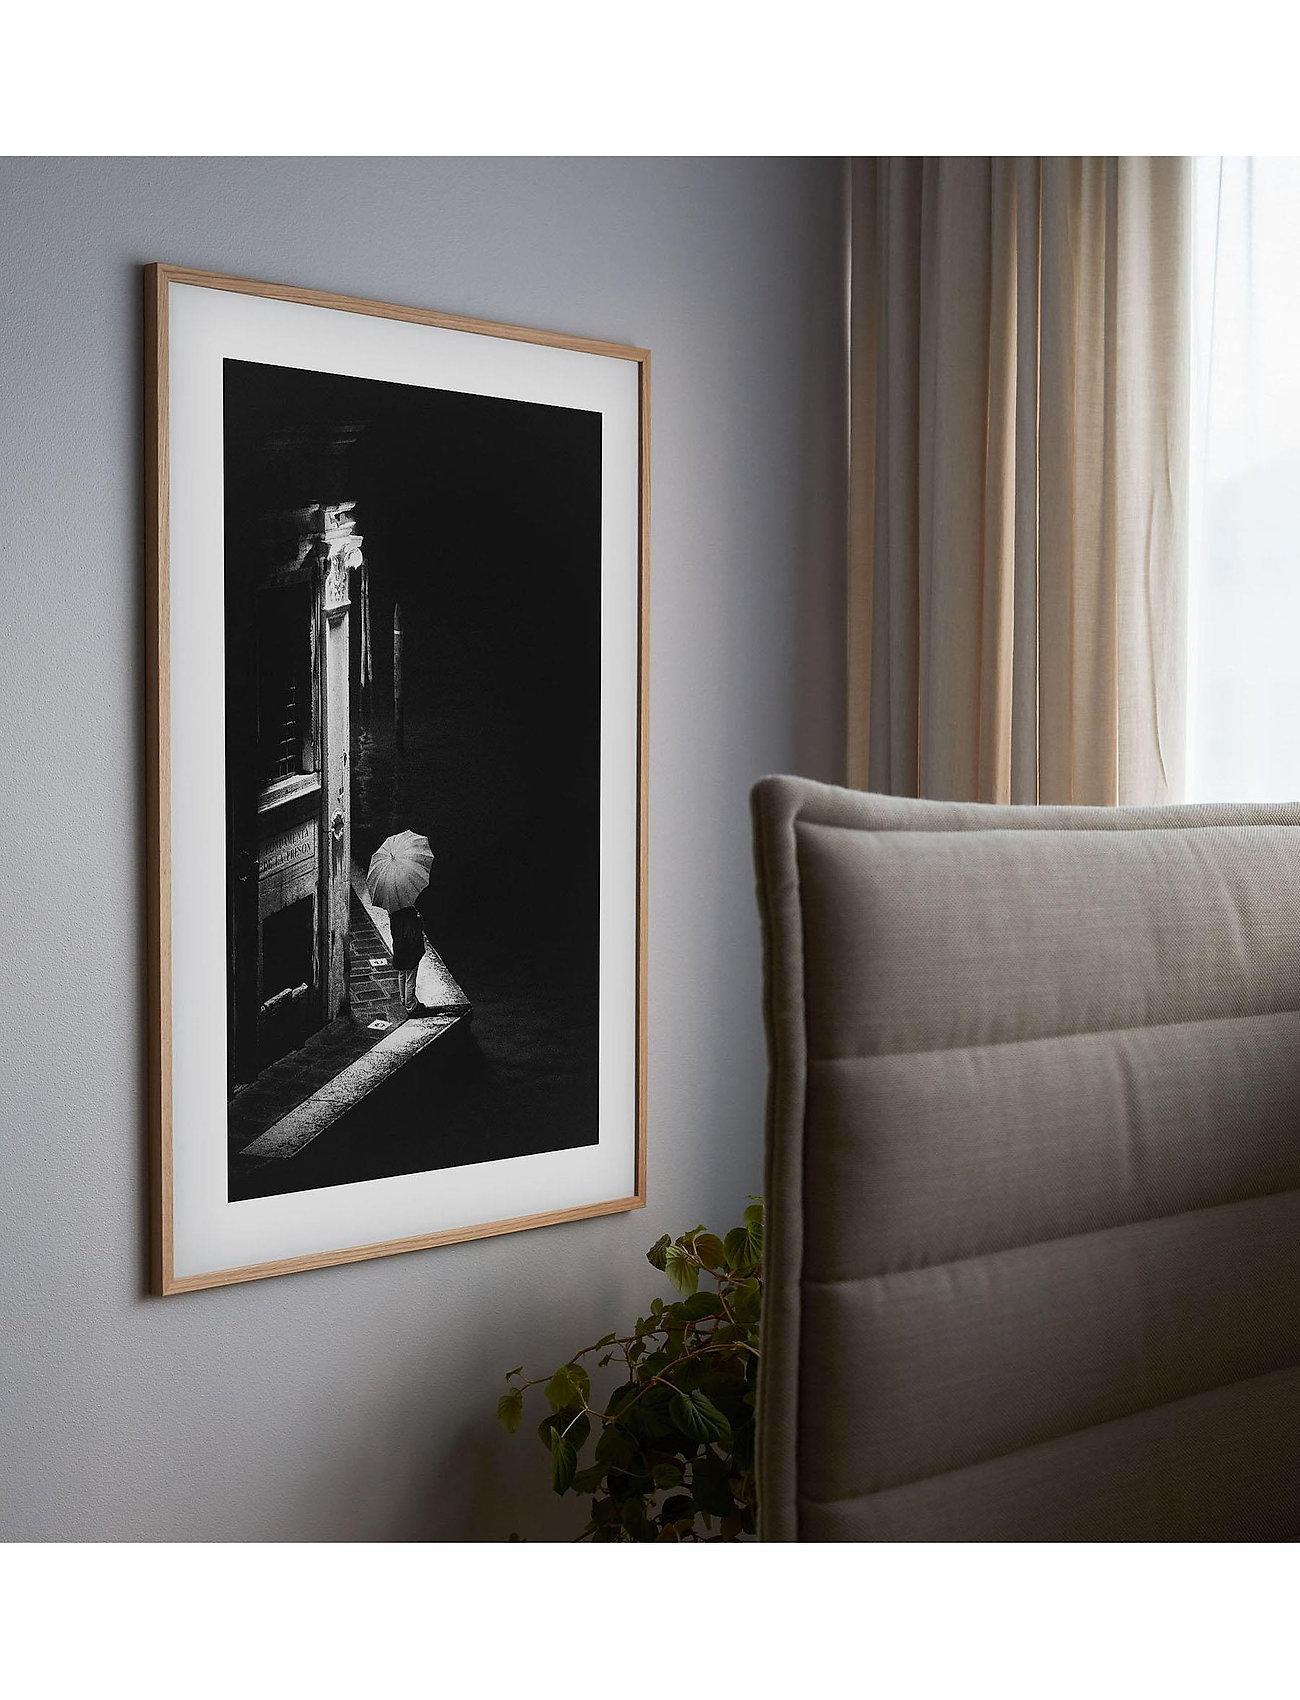 Democratic Gallery - Poster Night in Venice - home decor - black - 1